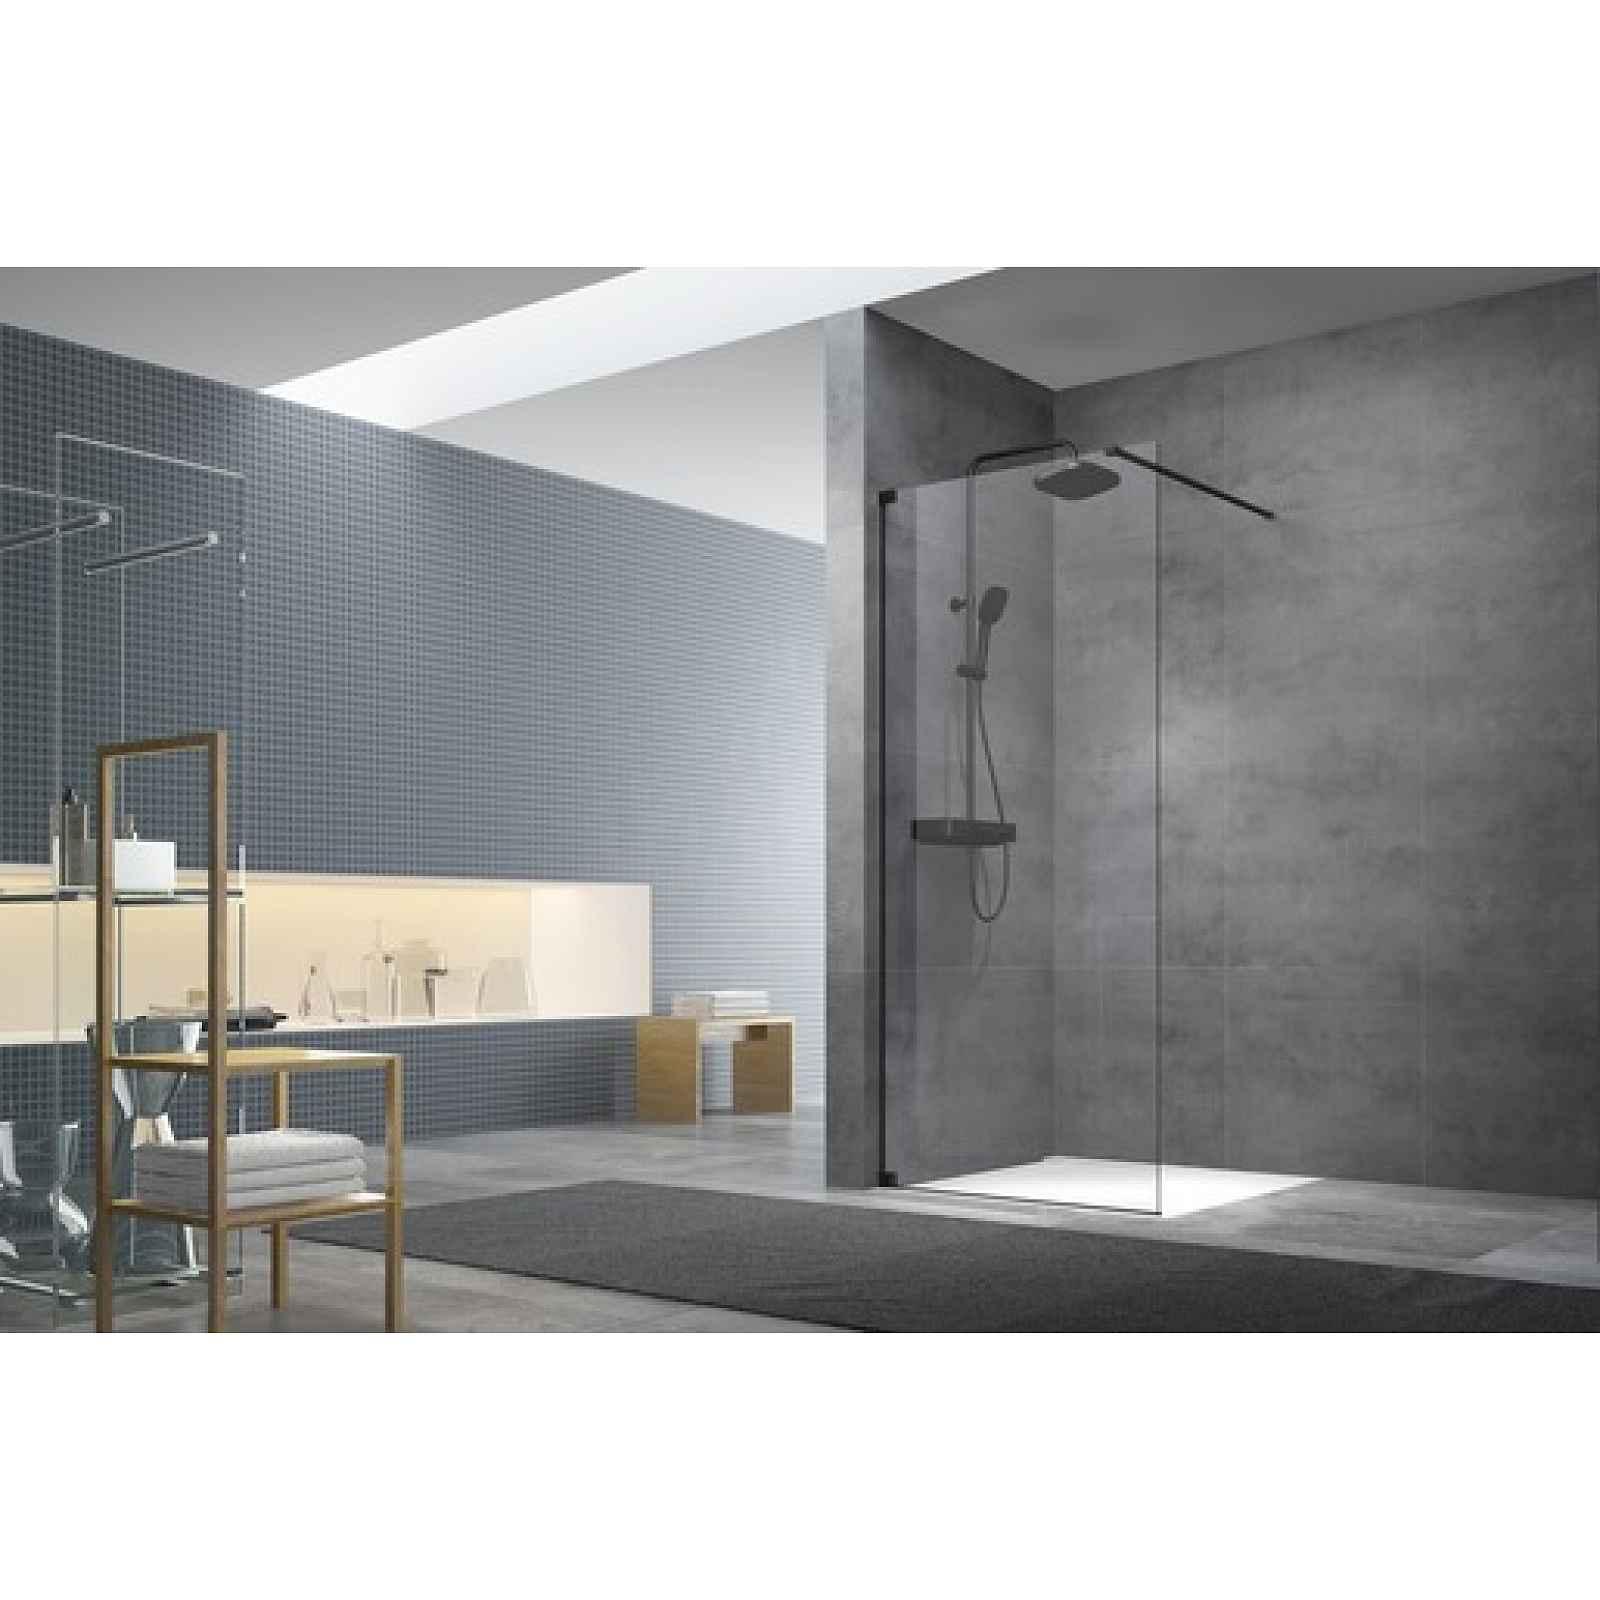 Sprchová zástěna walk-in Walk-In / dveře 110 cm s panty a zavětrováním Swiss Aqua Technologies Walk-in SATBWI110PAC